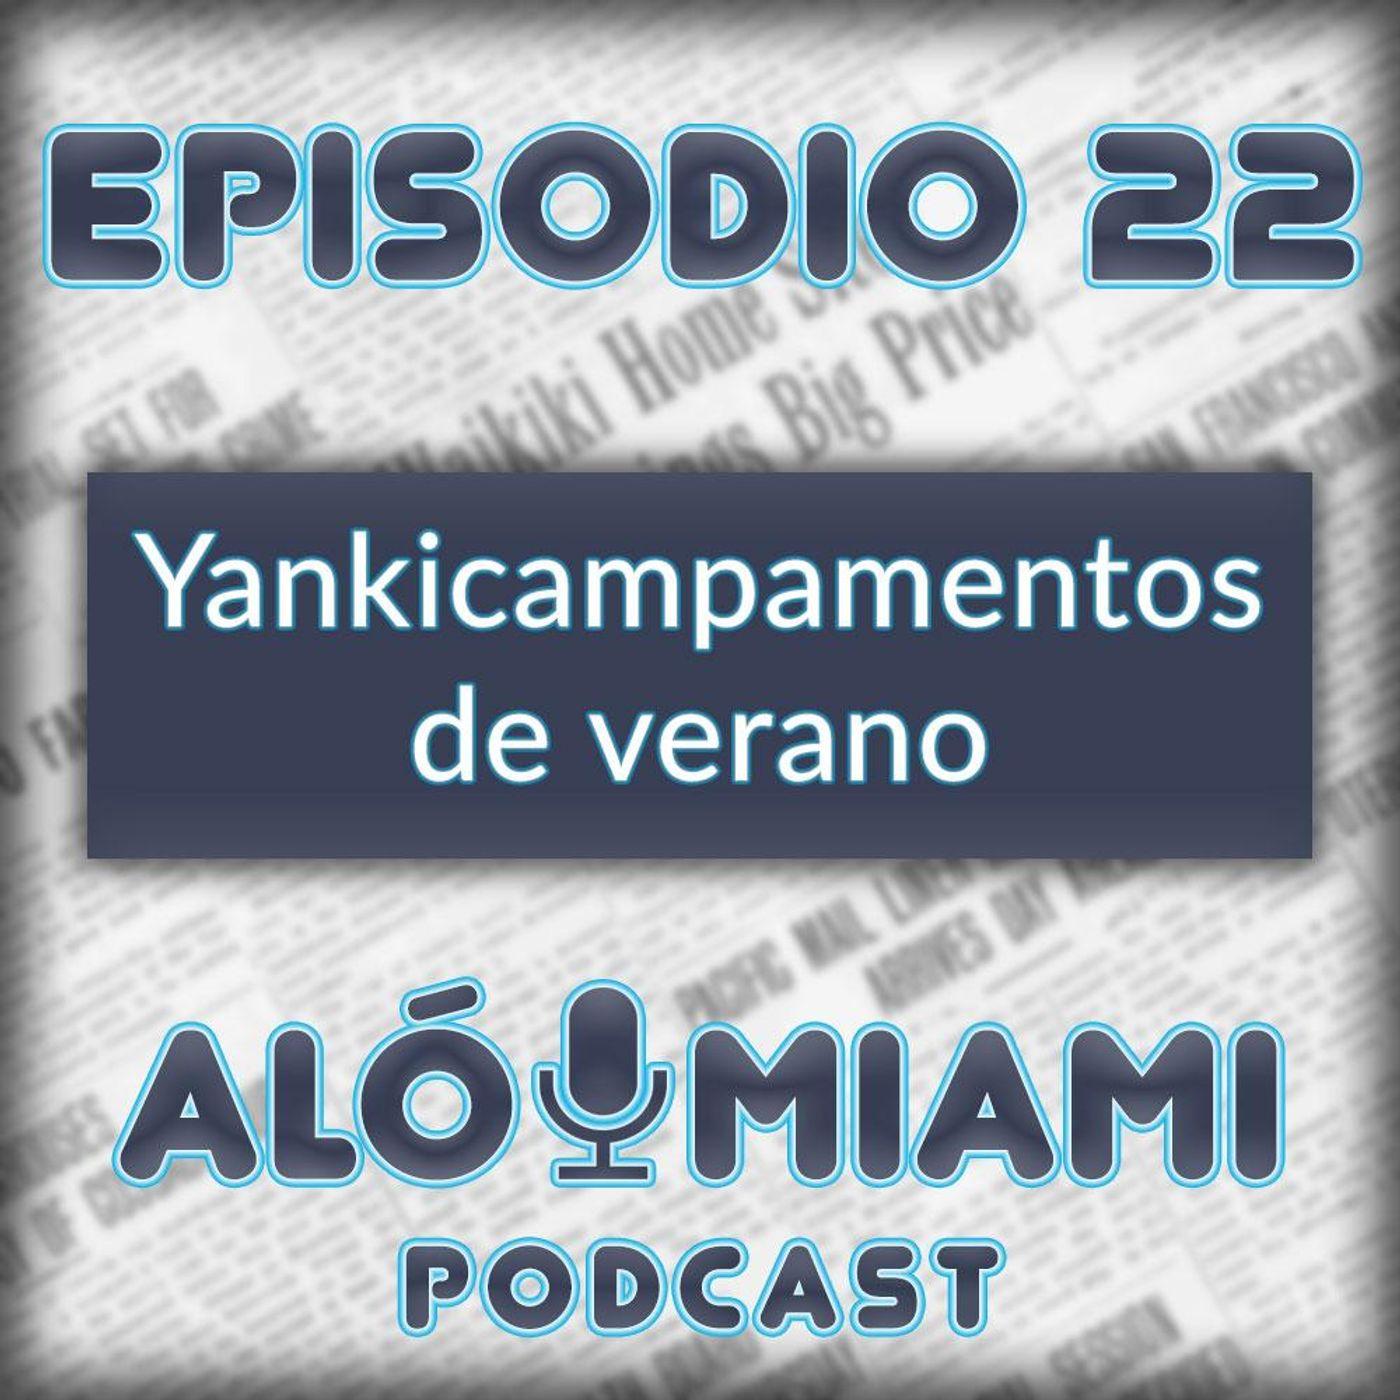 Aló Miami- Ep. 22 - Yankicampamentos de verano